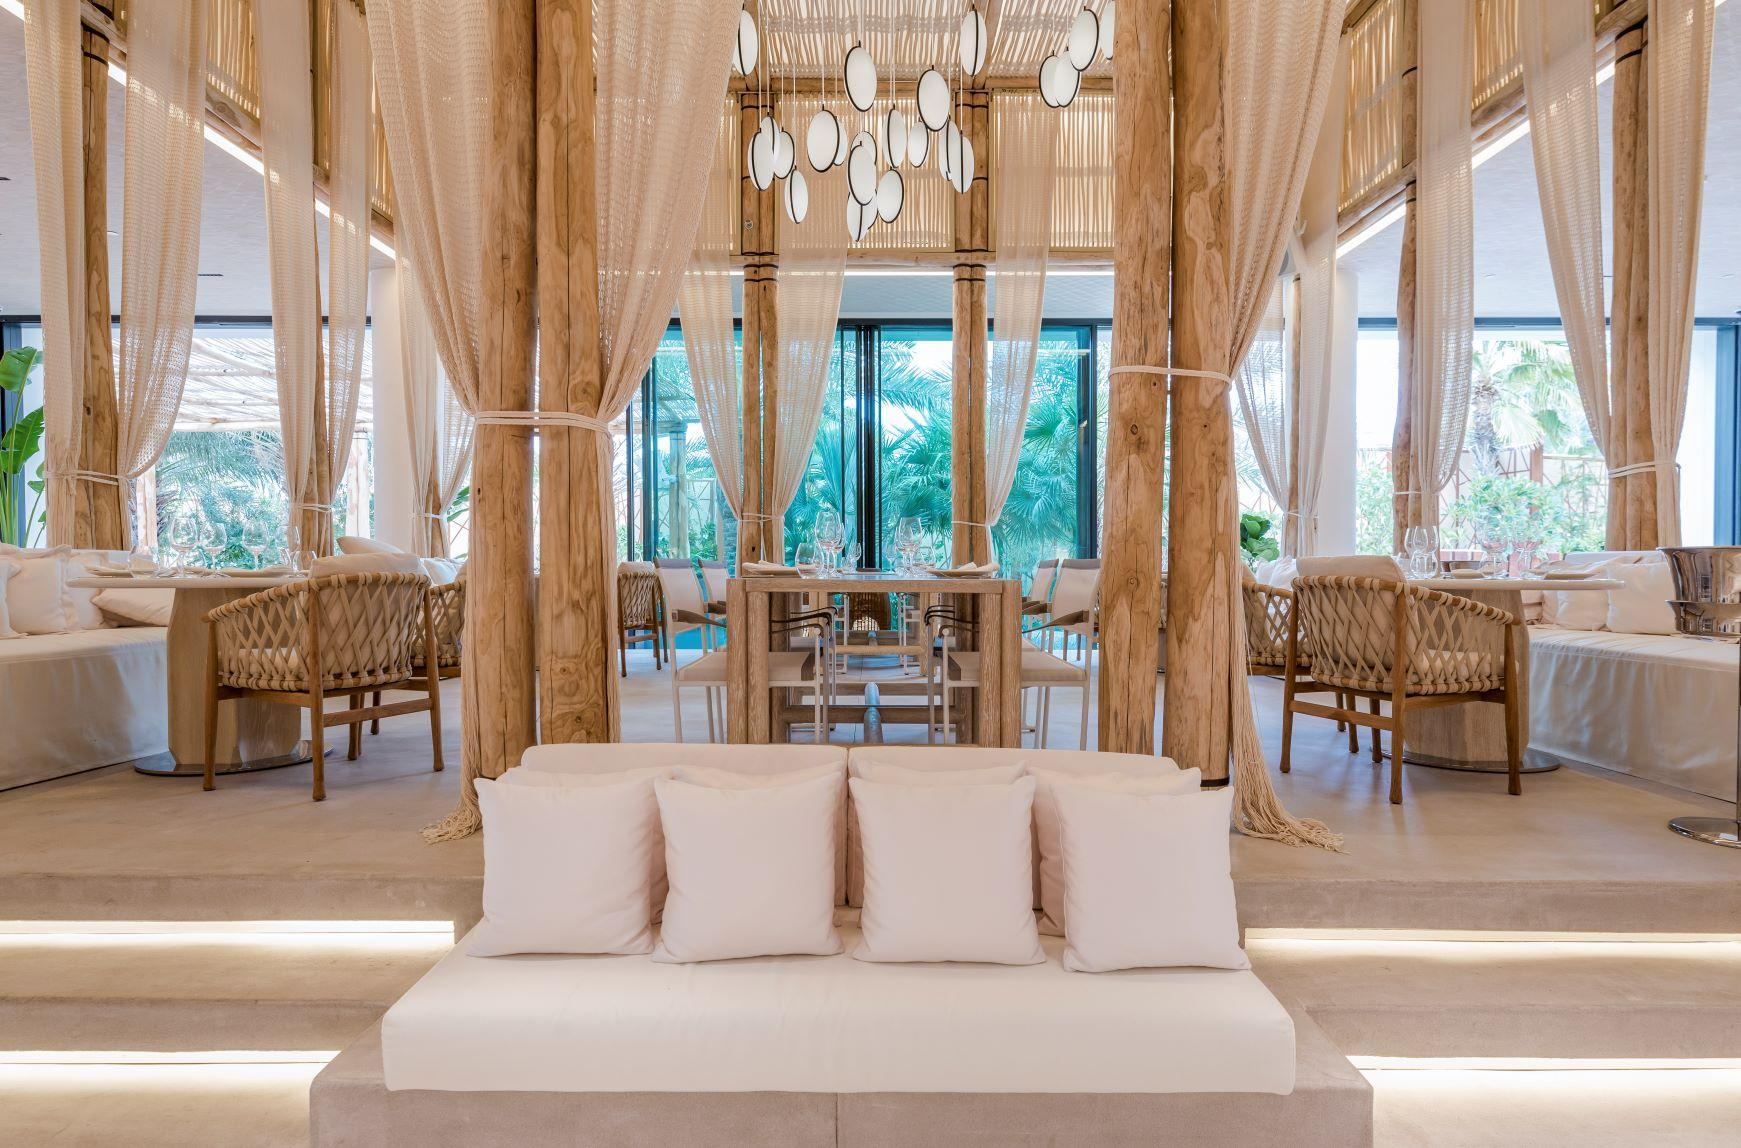 20 Inspiring Interior Designers that Dominate Athens interior designers 20 Inspiring Interior Designers that Dominate Athens 50777C7A 5E3C 78FC 714F 14933EE37851